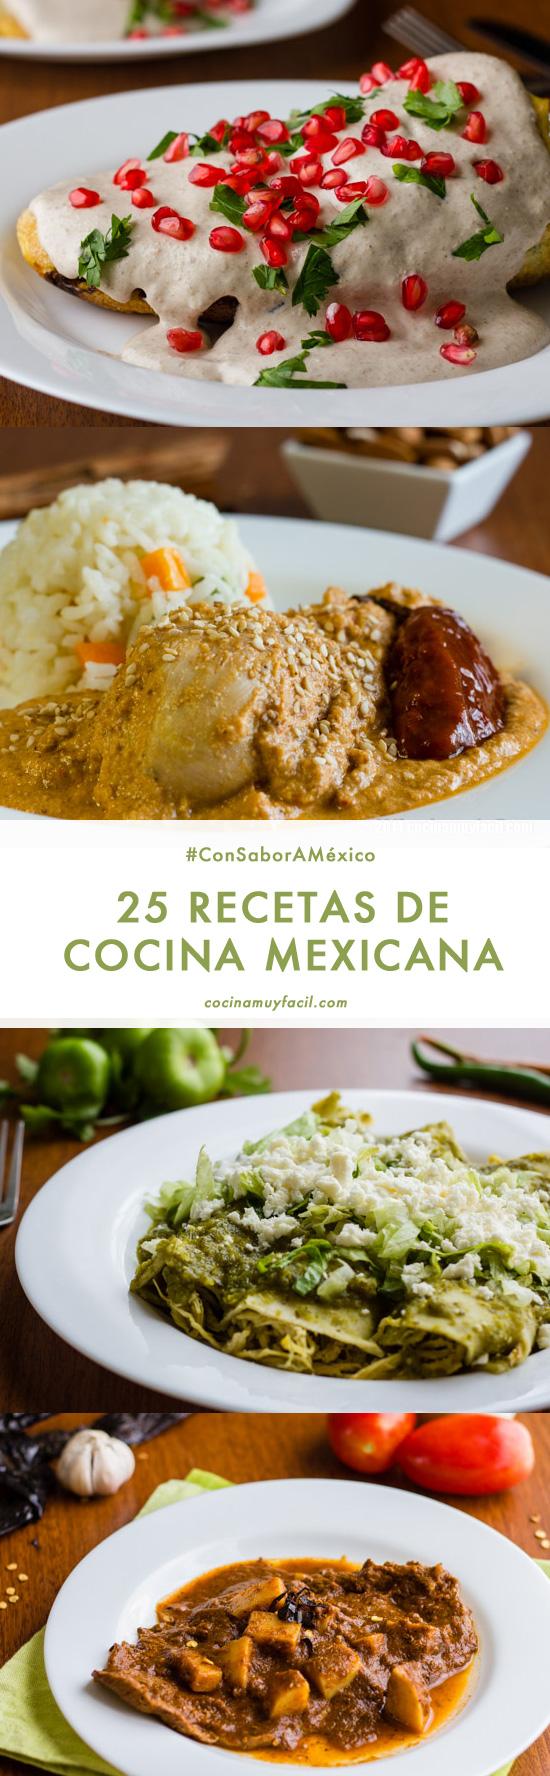 25 recetas de cocina tradicional mexicana, ¡porque tenemos mucho que celebrar!